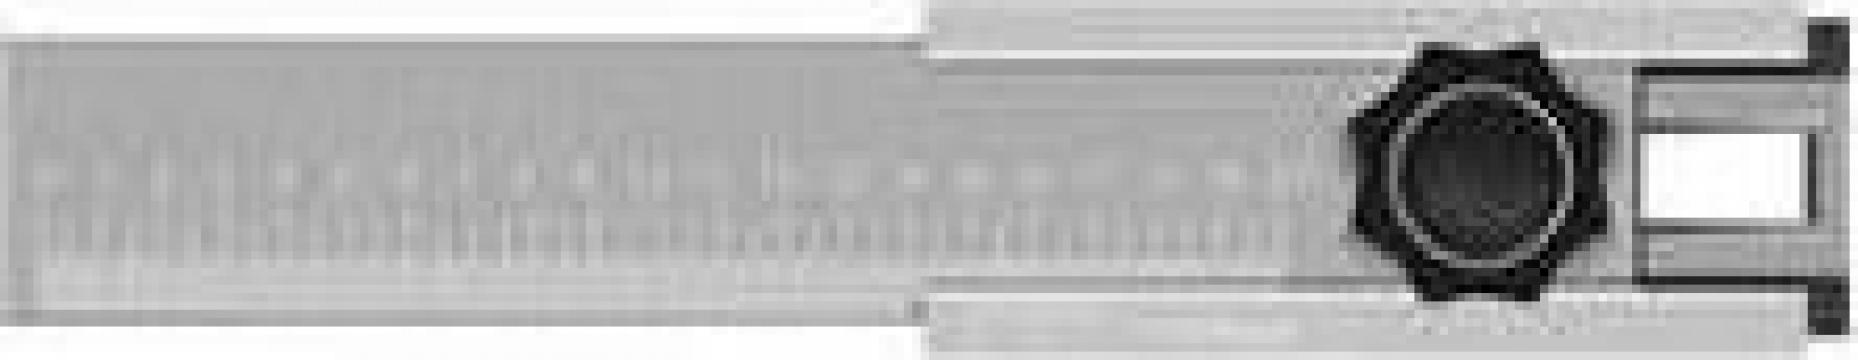 Subler pentru trasat din Aluminiu 0298-018 de la Nascom Invest